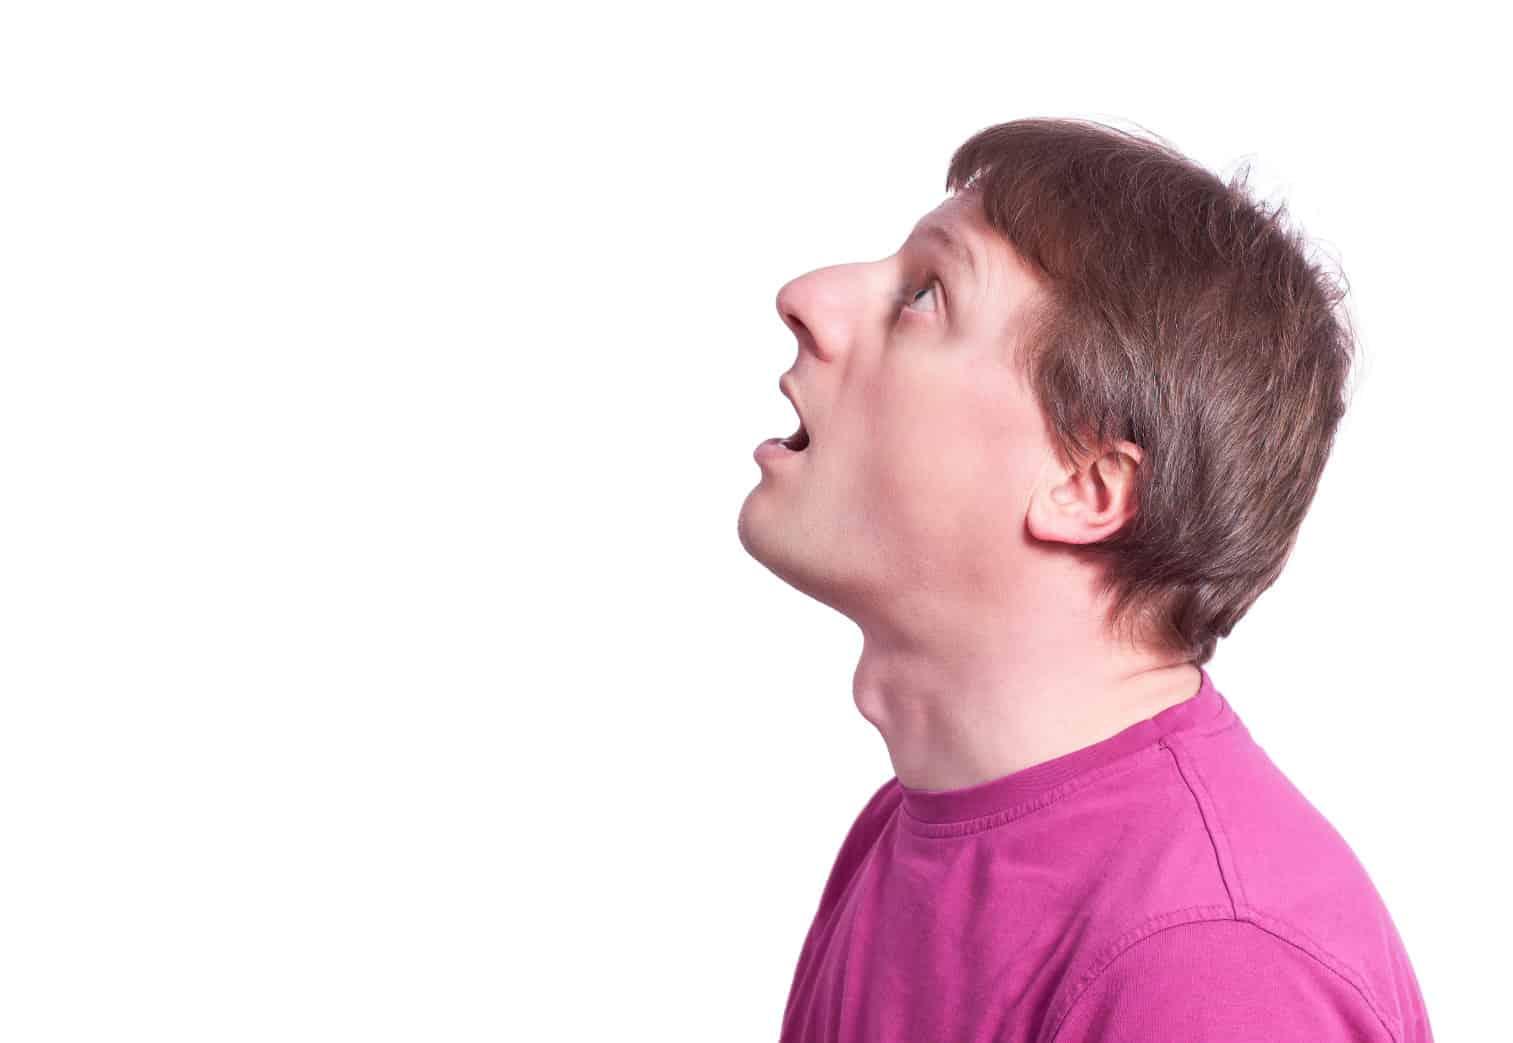 Warum haben Männer einen Adamsapfel?